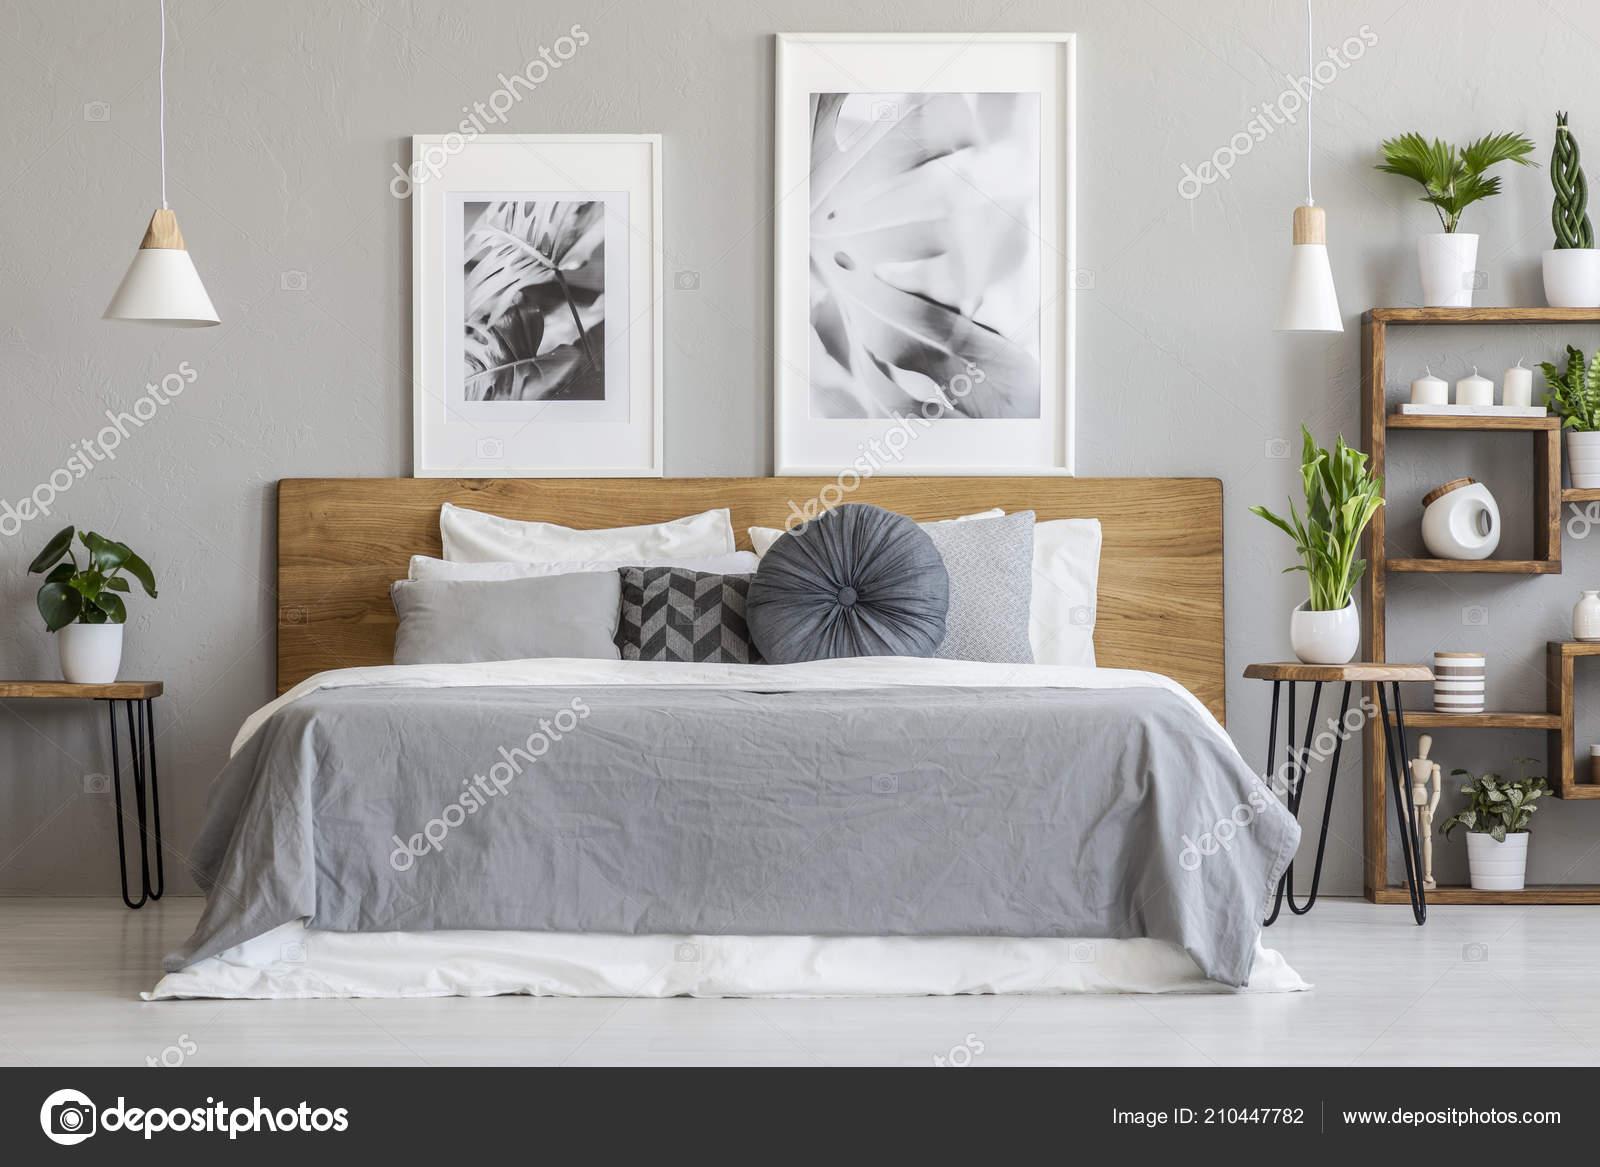 Slaapkamer Interieur Grijs : Grijze lakens kussens houten bed slaapkamer interieur met posters